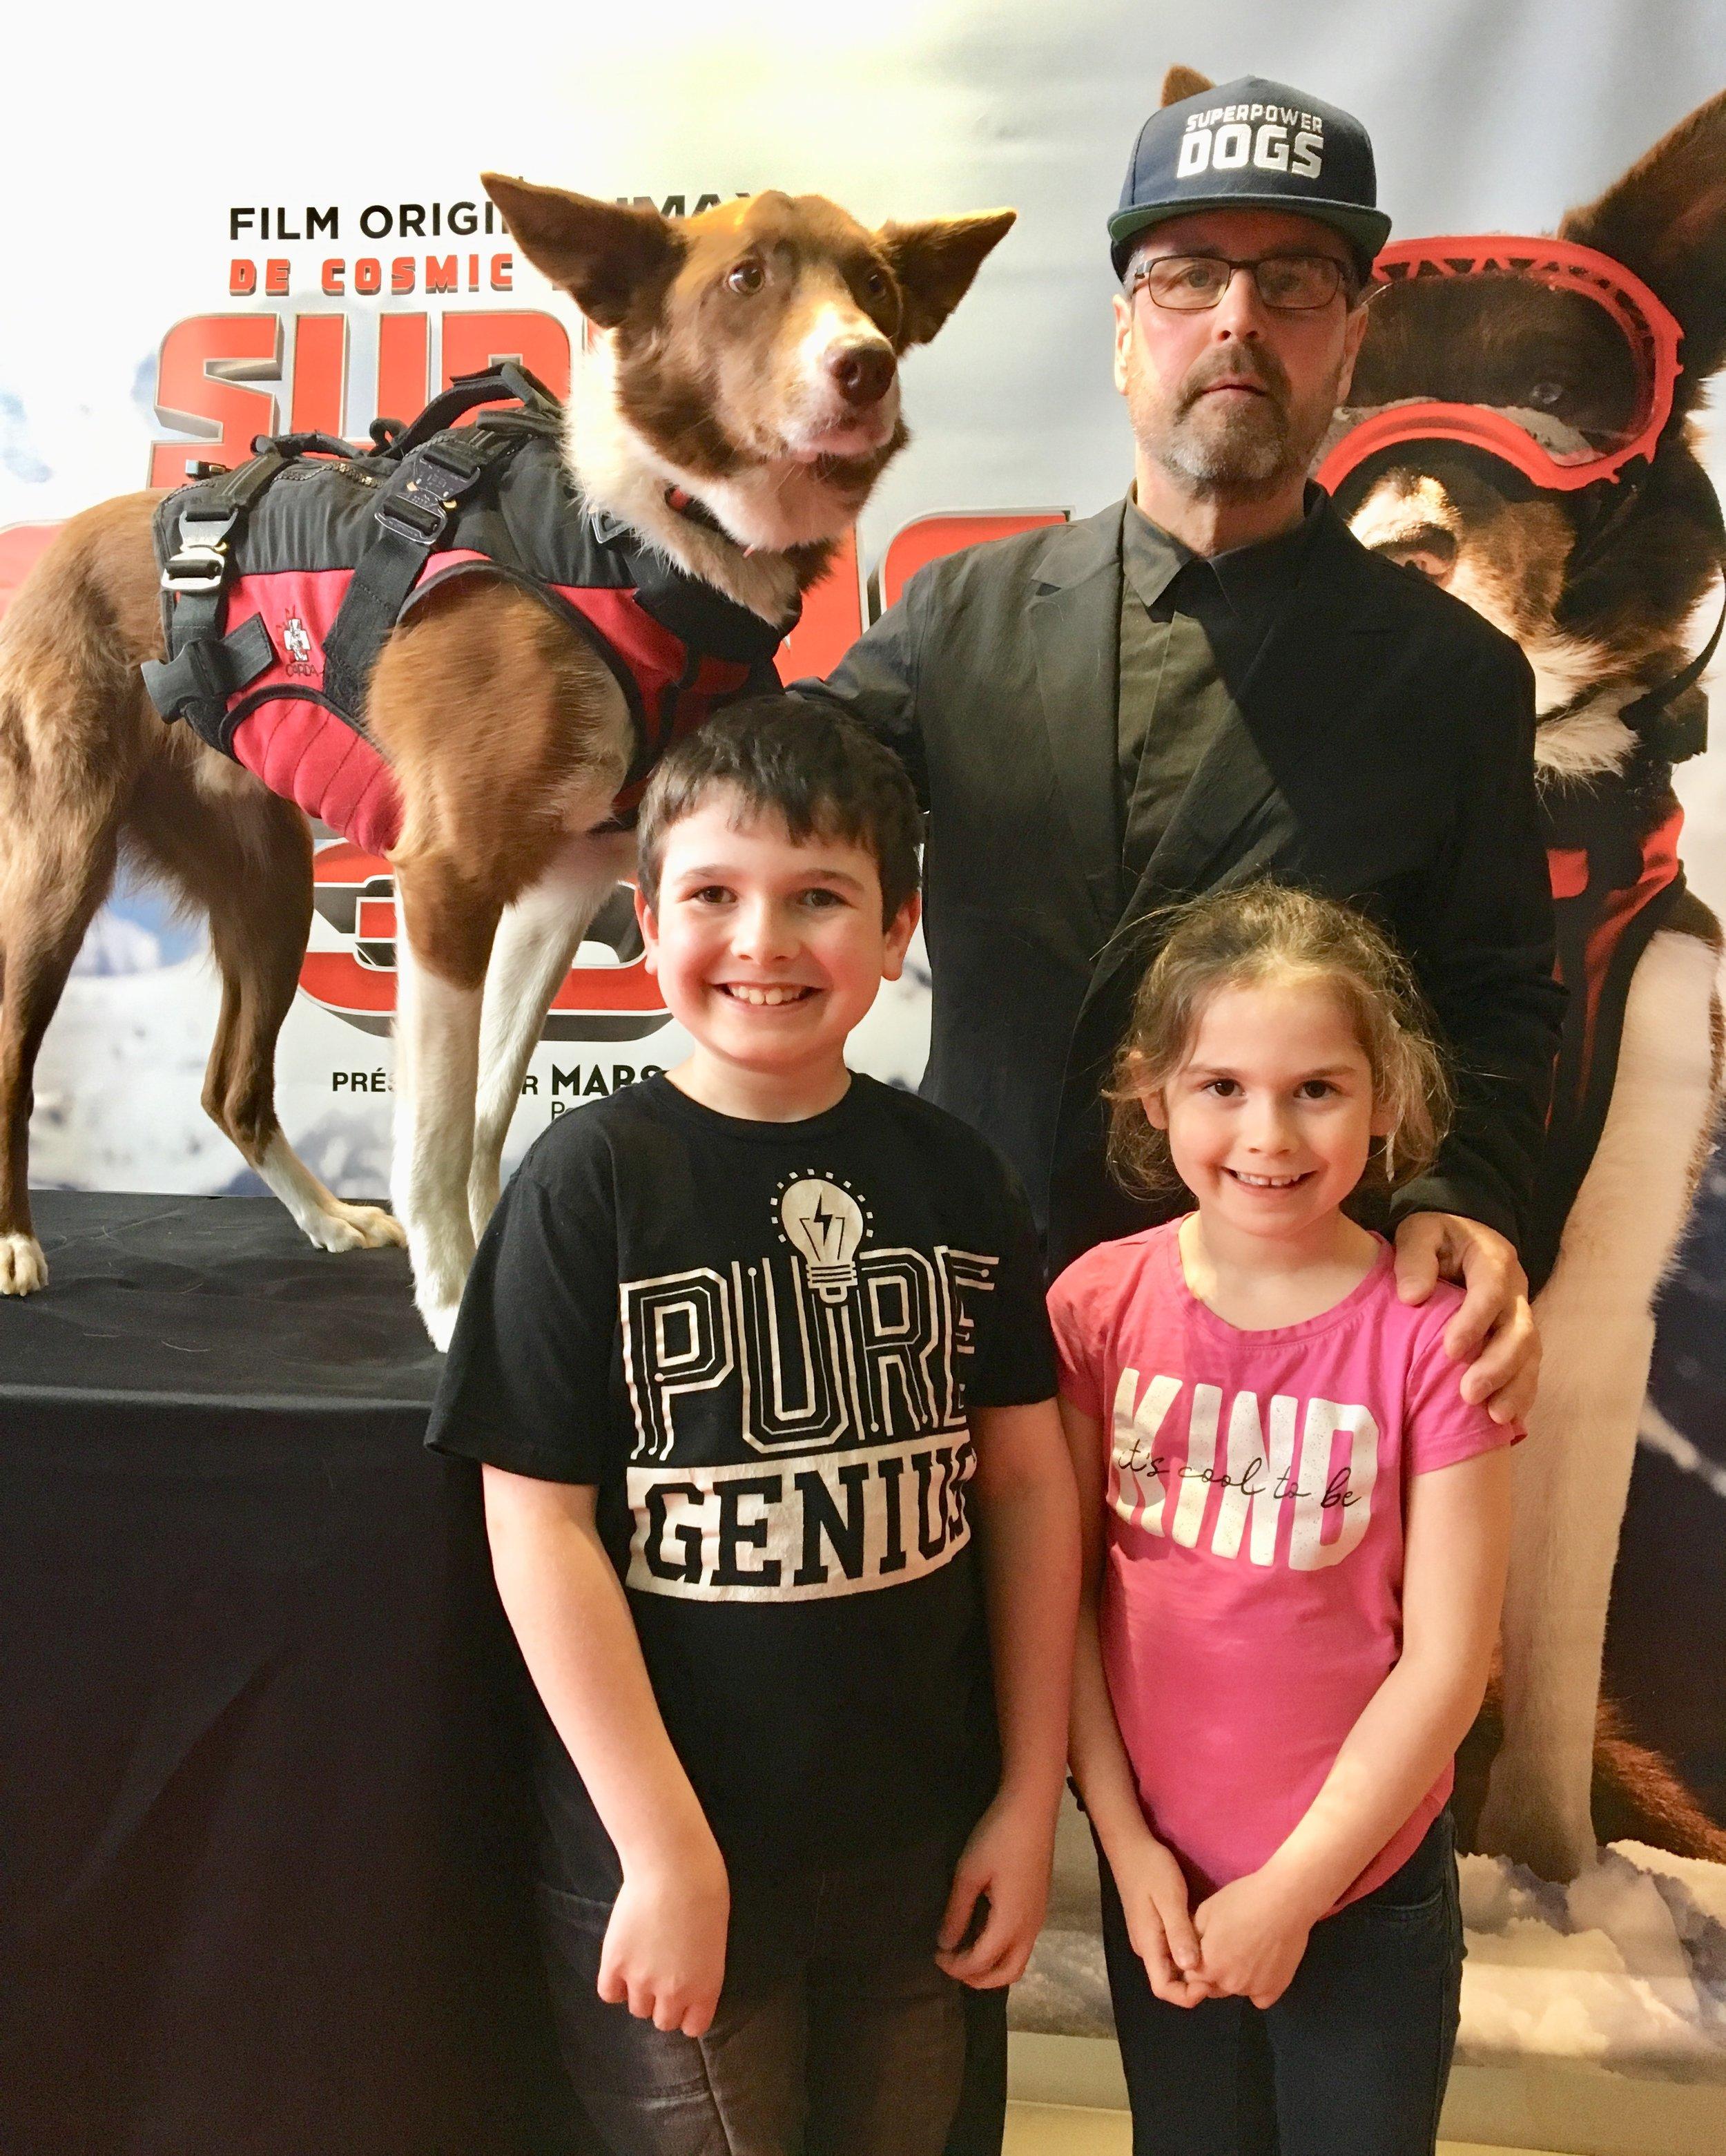 cinéma-super-chiens-3D-superhéros-activité-famille-enfant-film